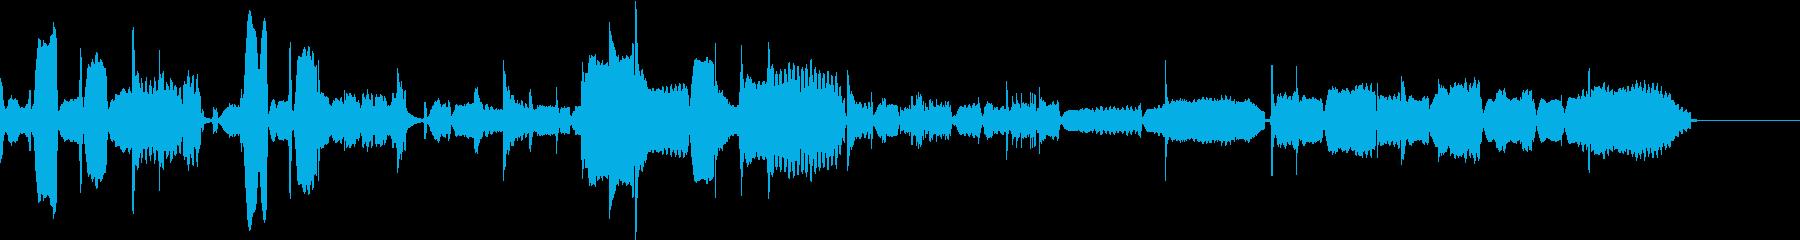 和風の和やかなbgmの再生済みの波形